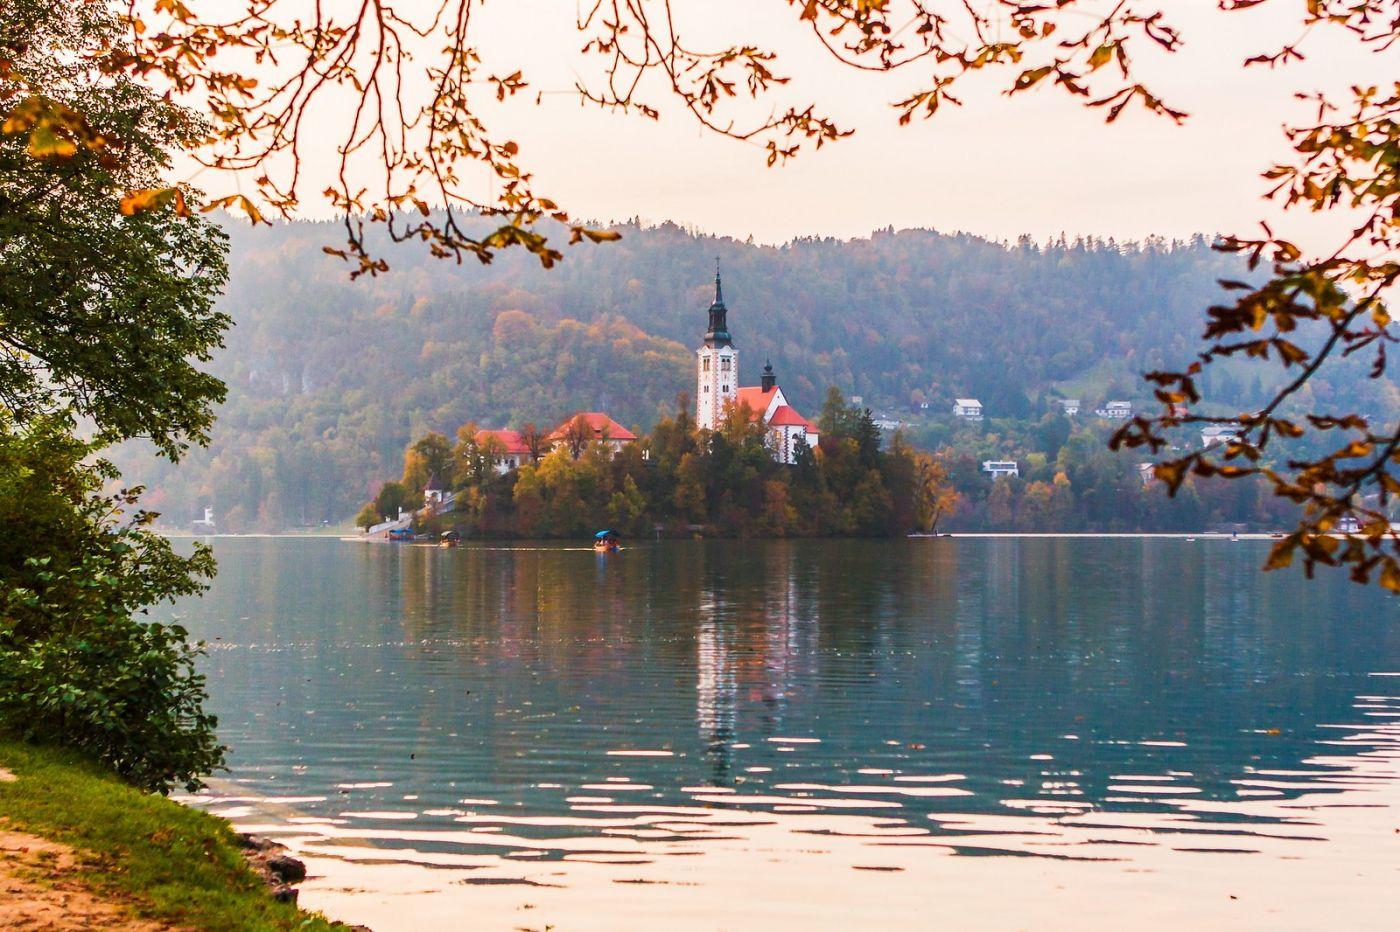 斯洛文尼亚布莱德湖(Lake Bled),湖中教堂_图1-4